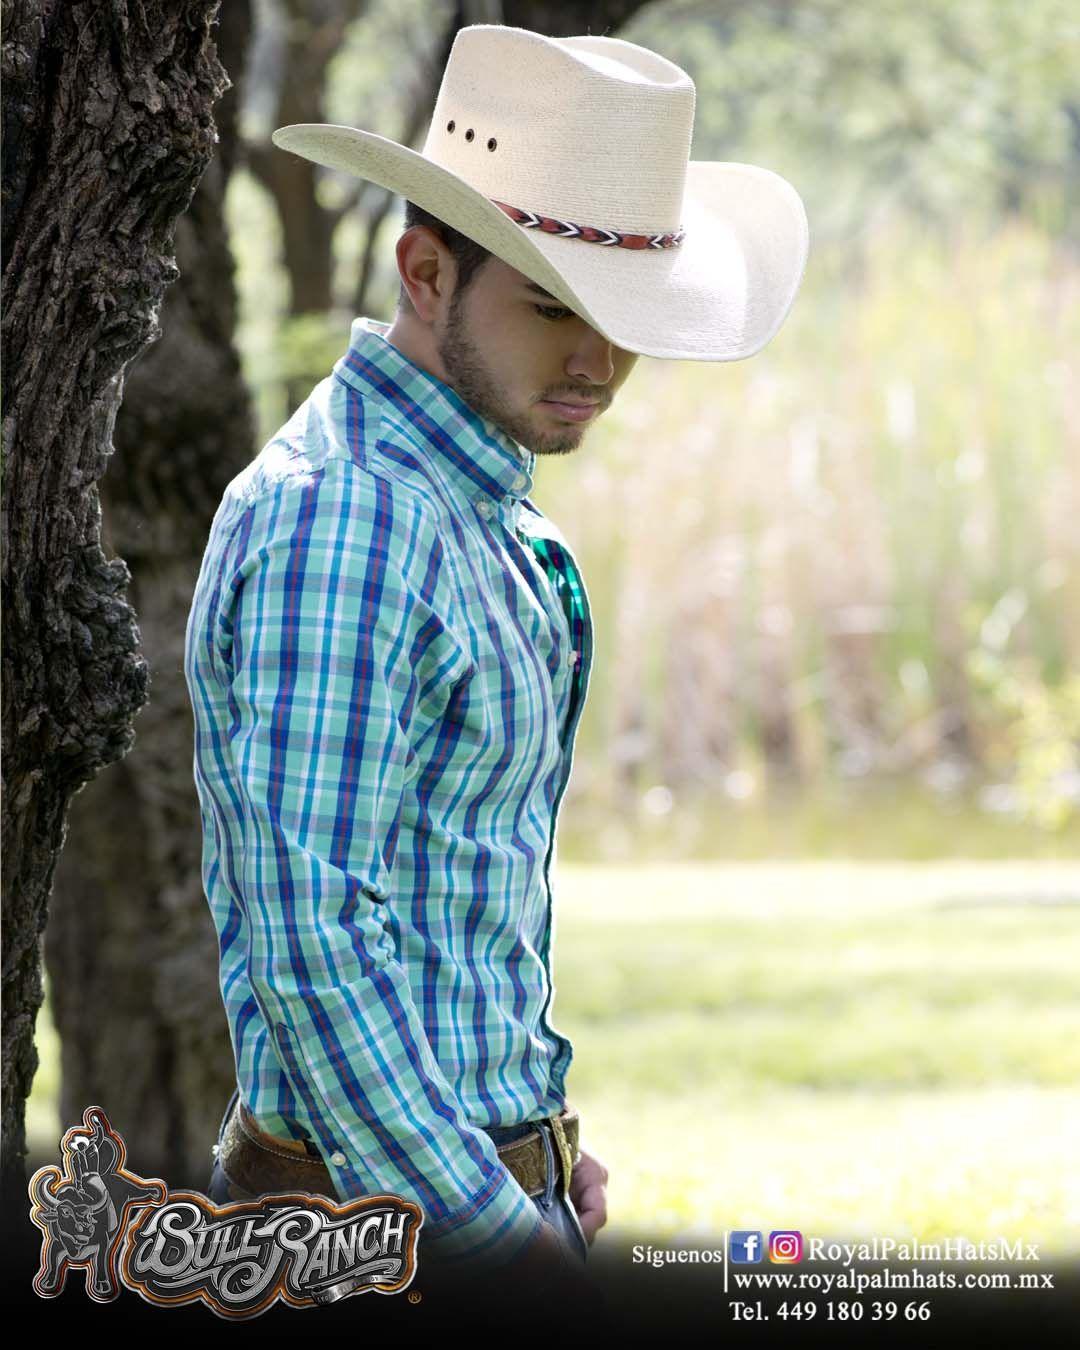 d83eaf3a3ec0d  Vaquero  Vaqueras  Sombrero  Rancho  Rodeo  Charreria  Charro  Guapos   Estilo  Rodeo  Texana  RopaVaquera  Caballo  Gallos  Toros  Palma  Corral   Ervillas ...